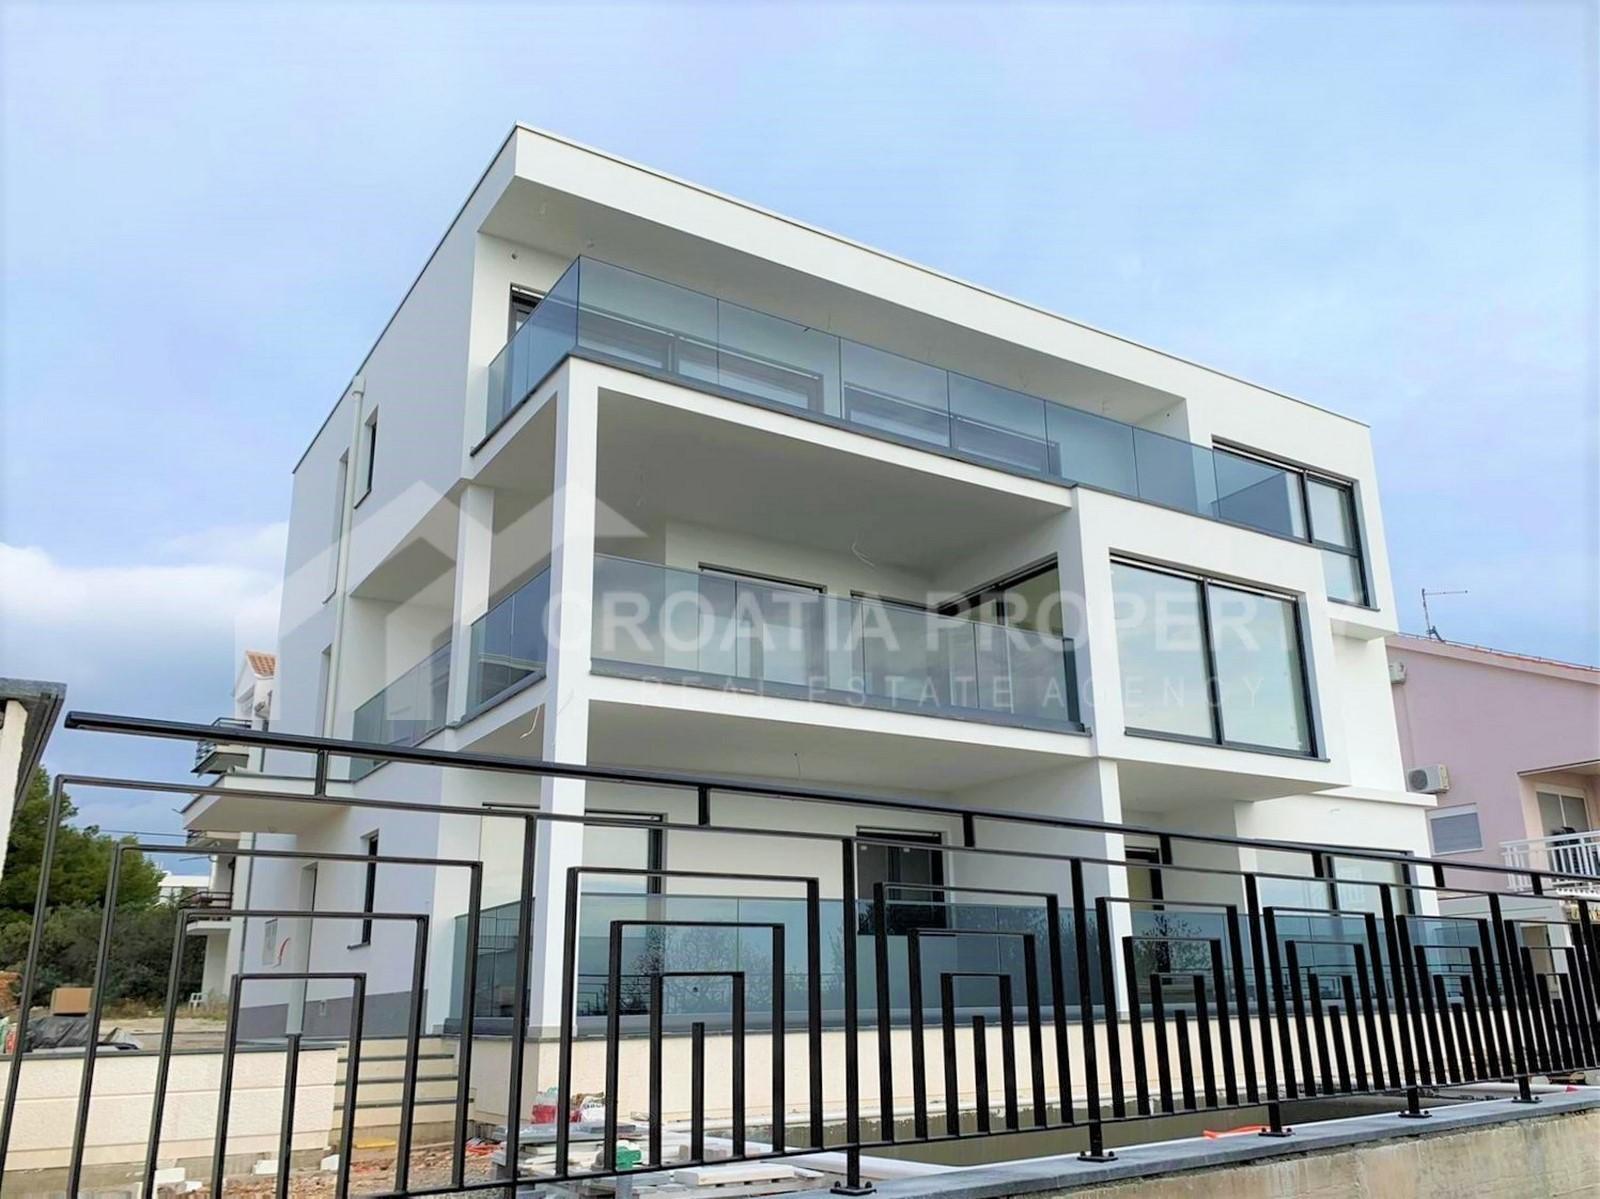 Geräumige Wohnung mit Meerblick Ciovo